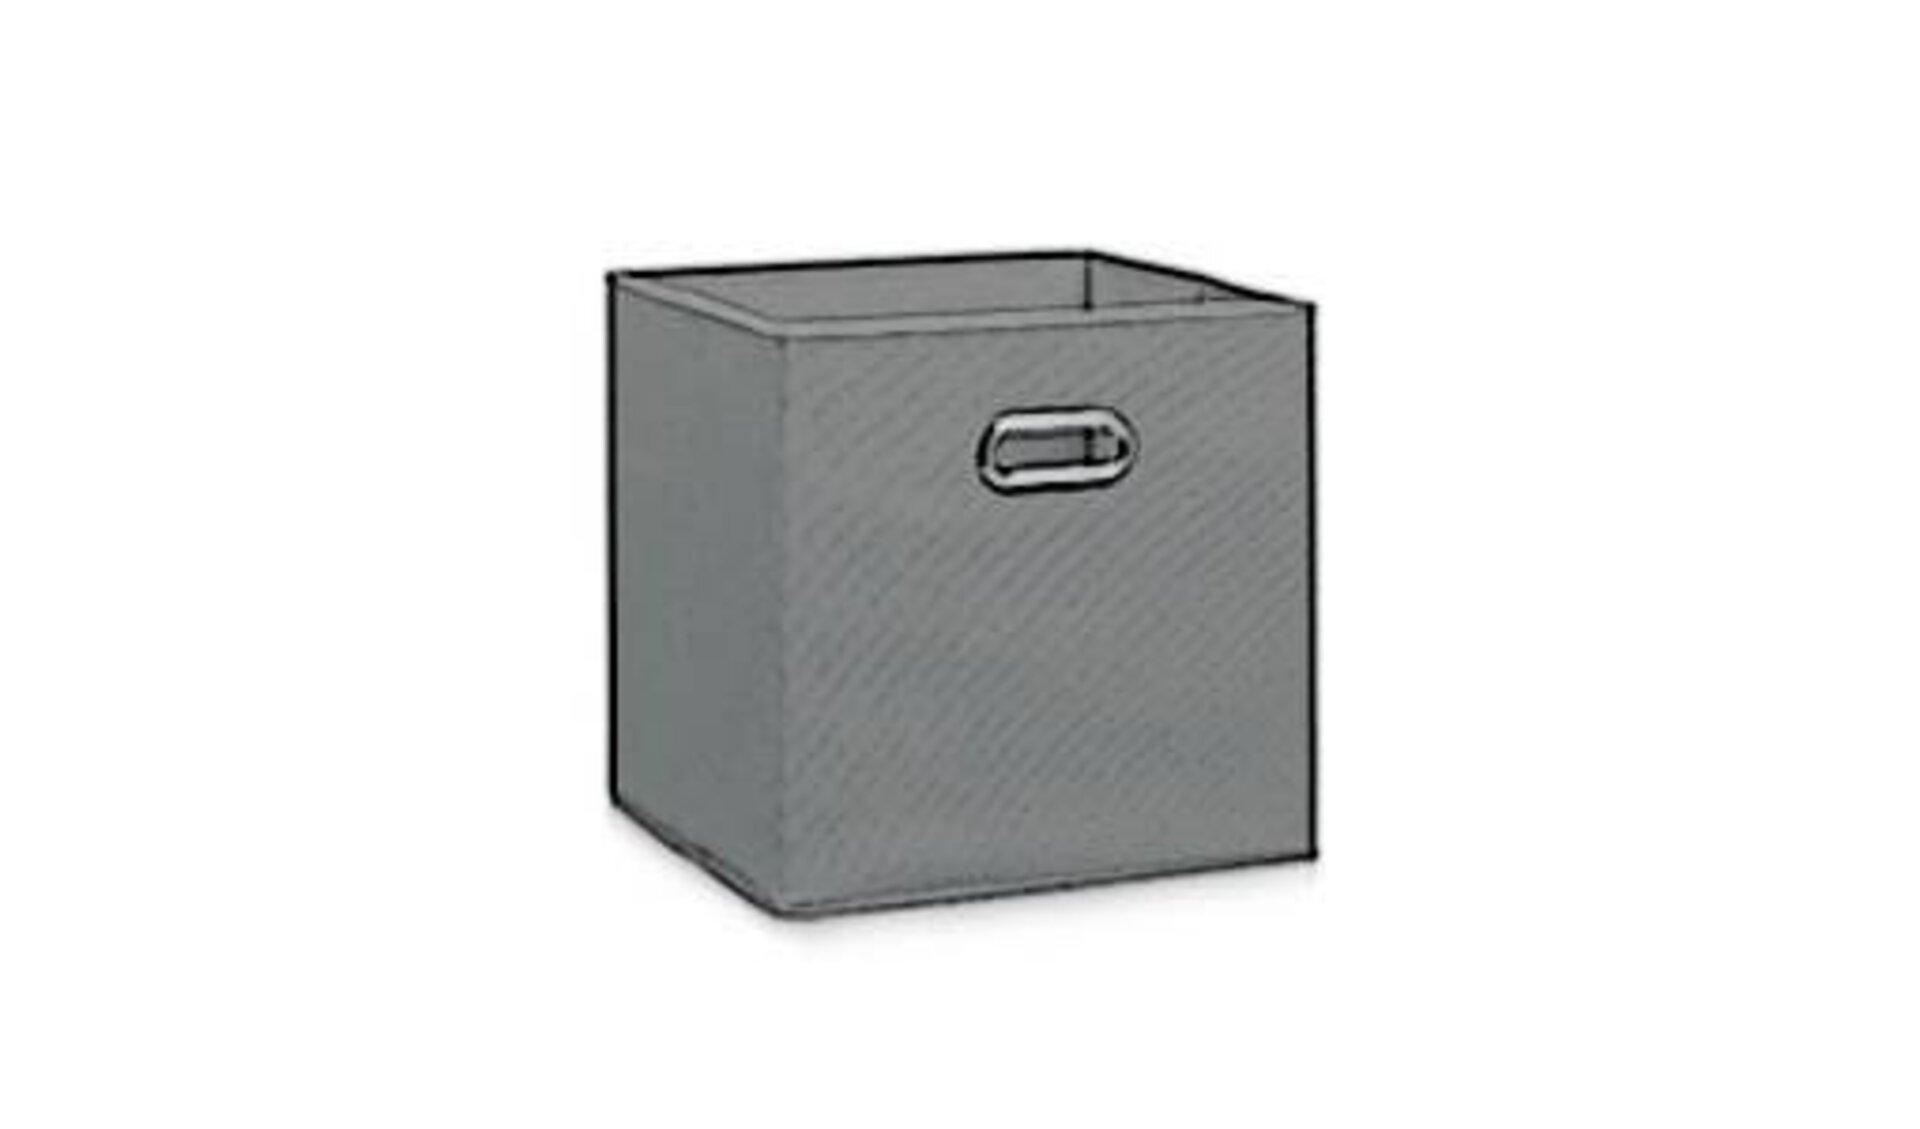 Aufbewahrungsbox zur Ordnung und Aufbewahrung